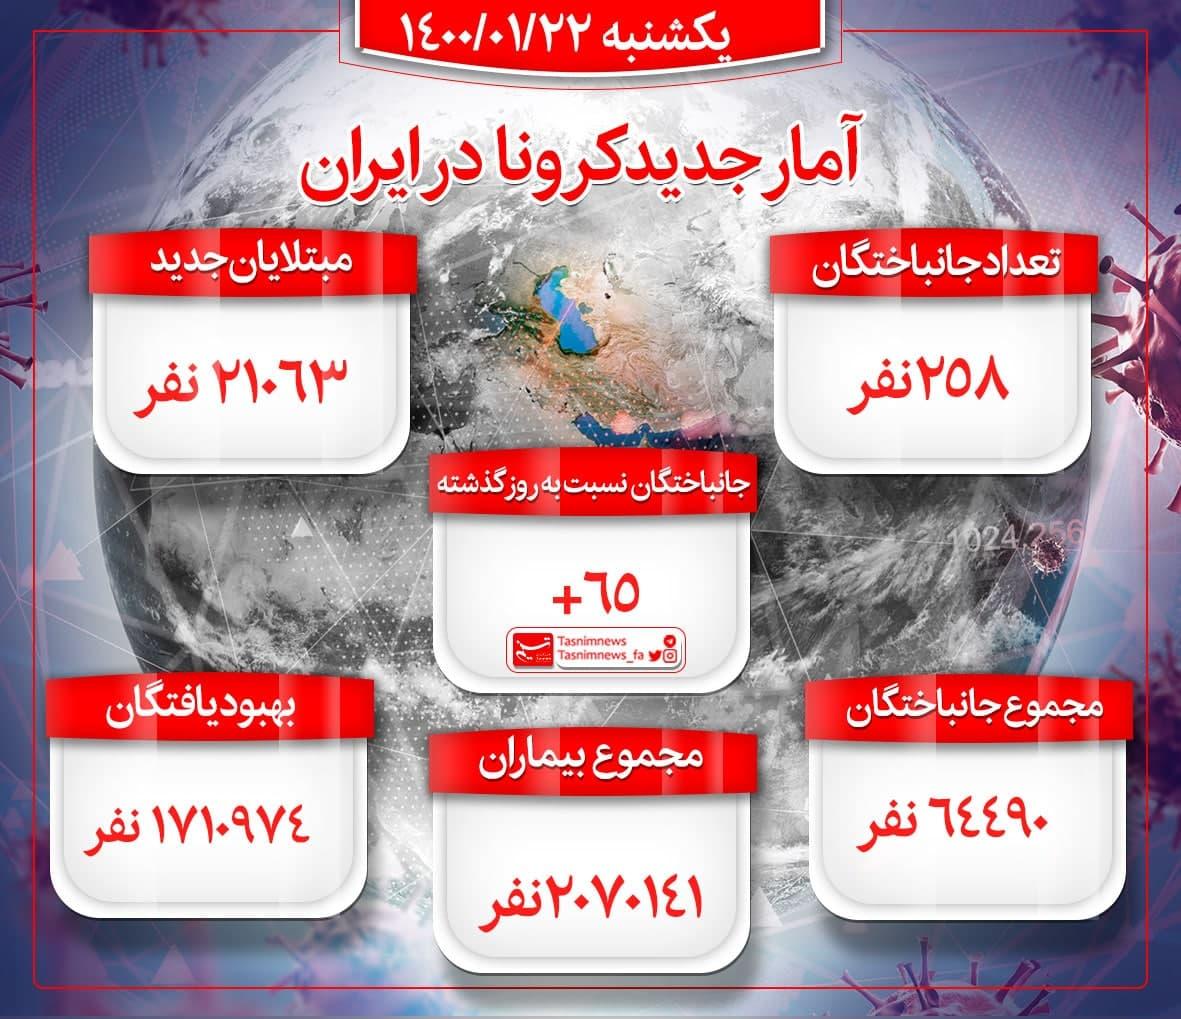 آمار کشته های کرونا امروز 22 فروردین 1400 / فوتیهای کرونا رکورد زد + اینفوگرافیک